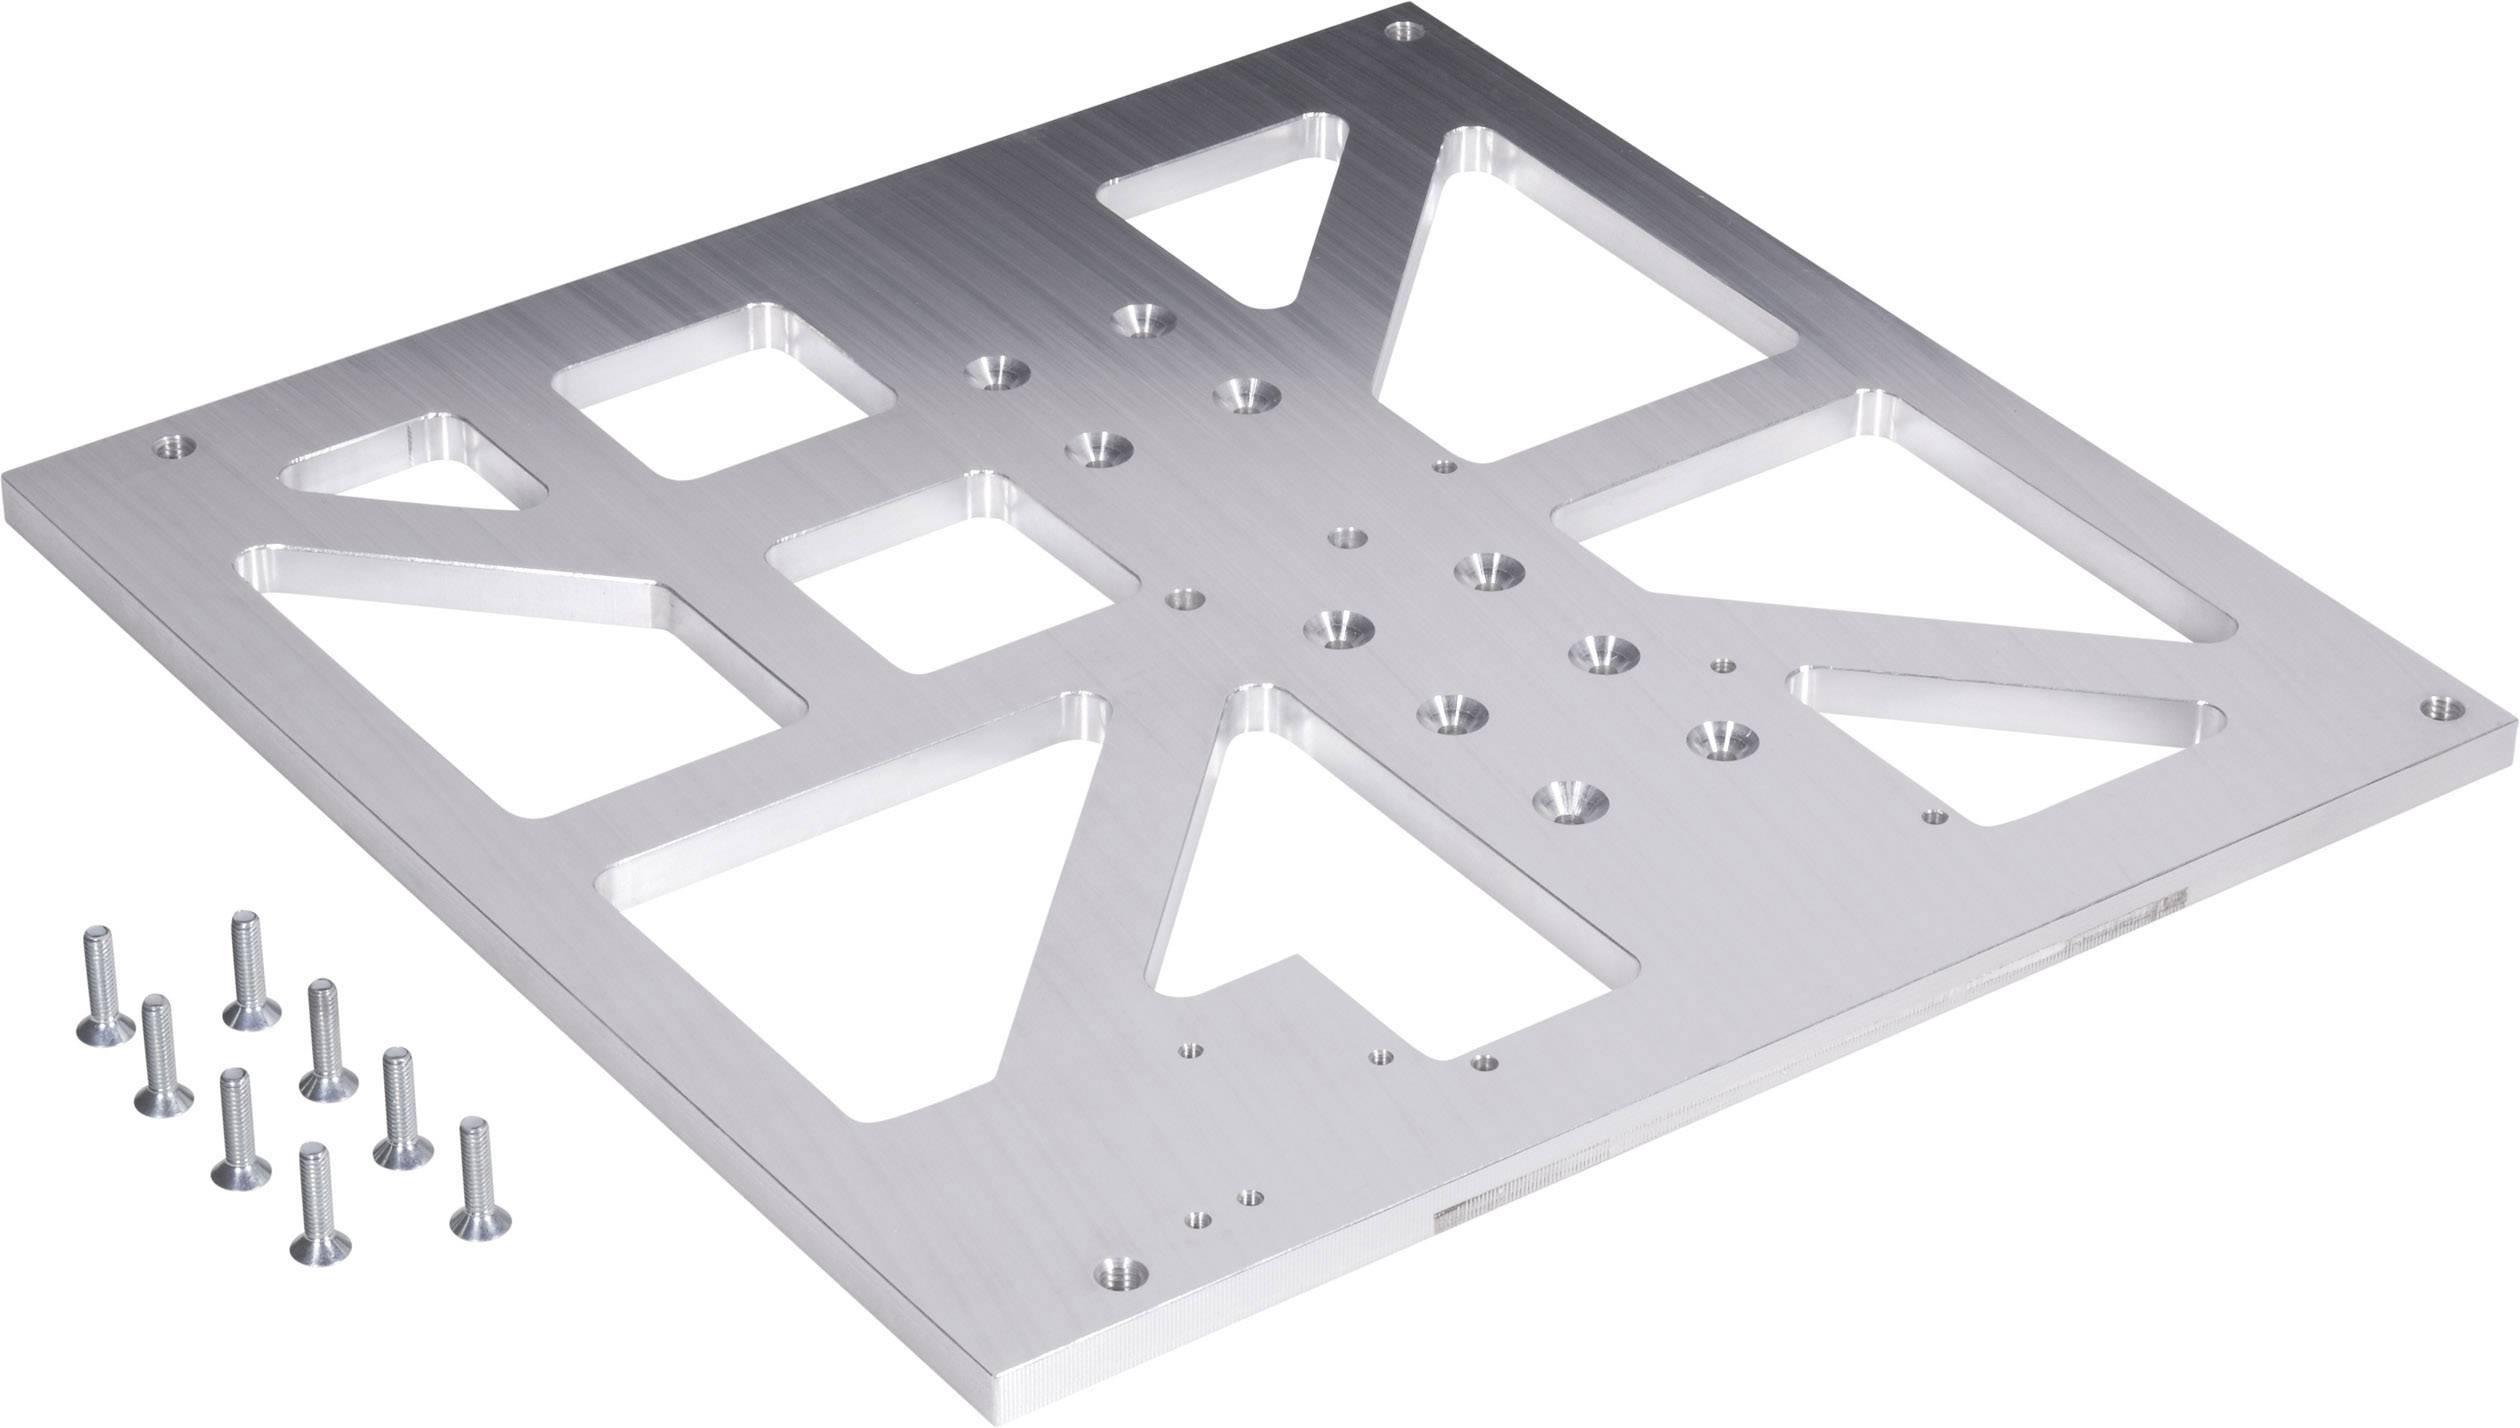 Spodní díl pro frézovací rozšíření, vhodný pro 3D tiskárnu renkforce RF1000